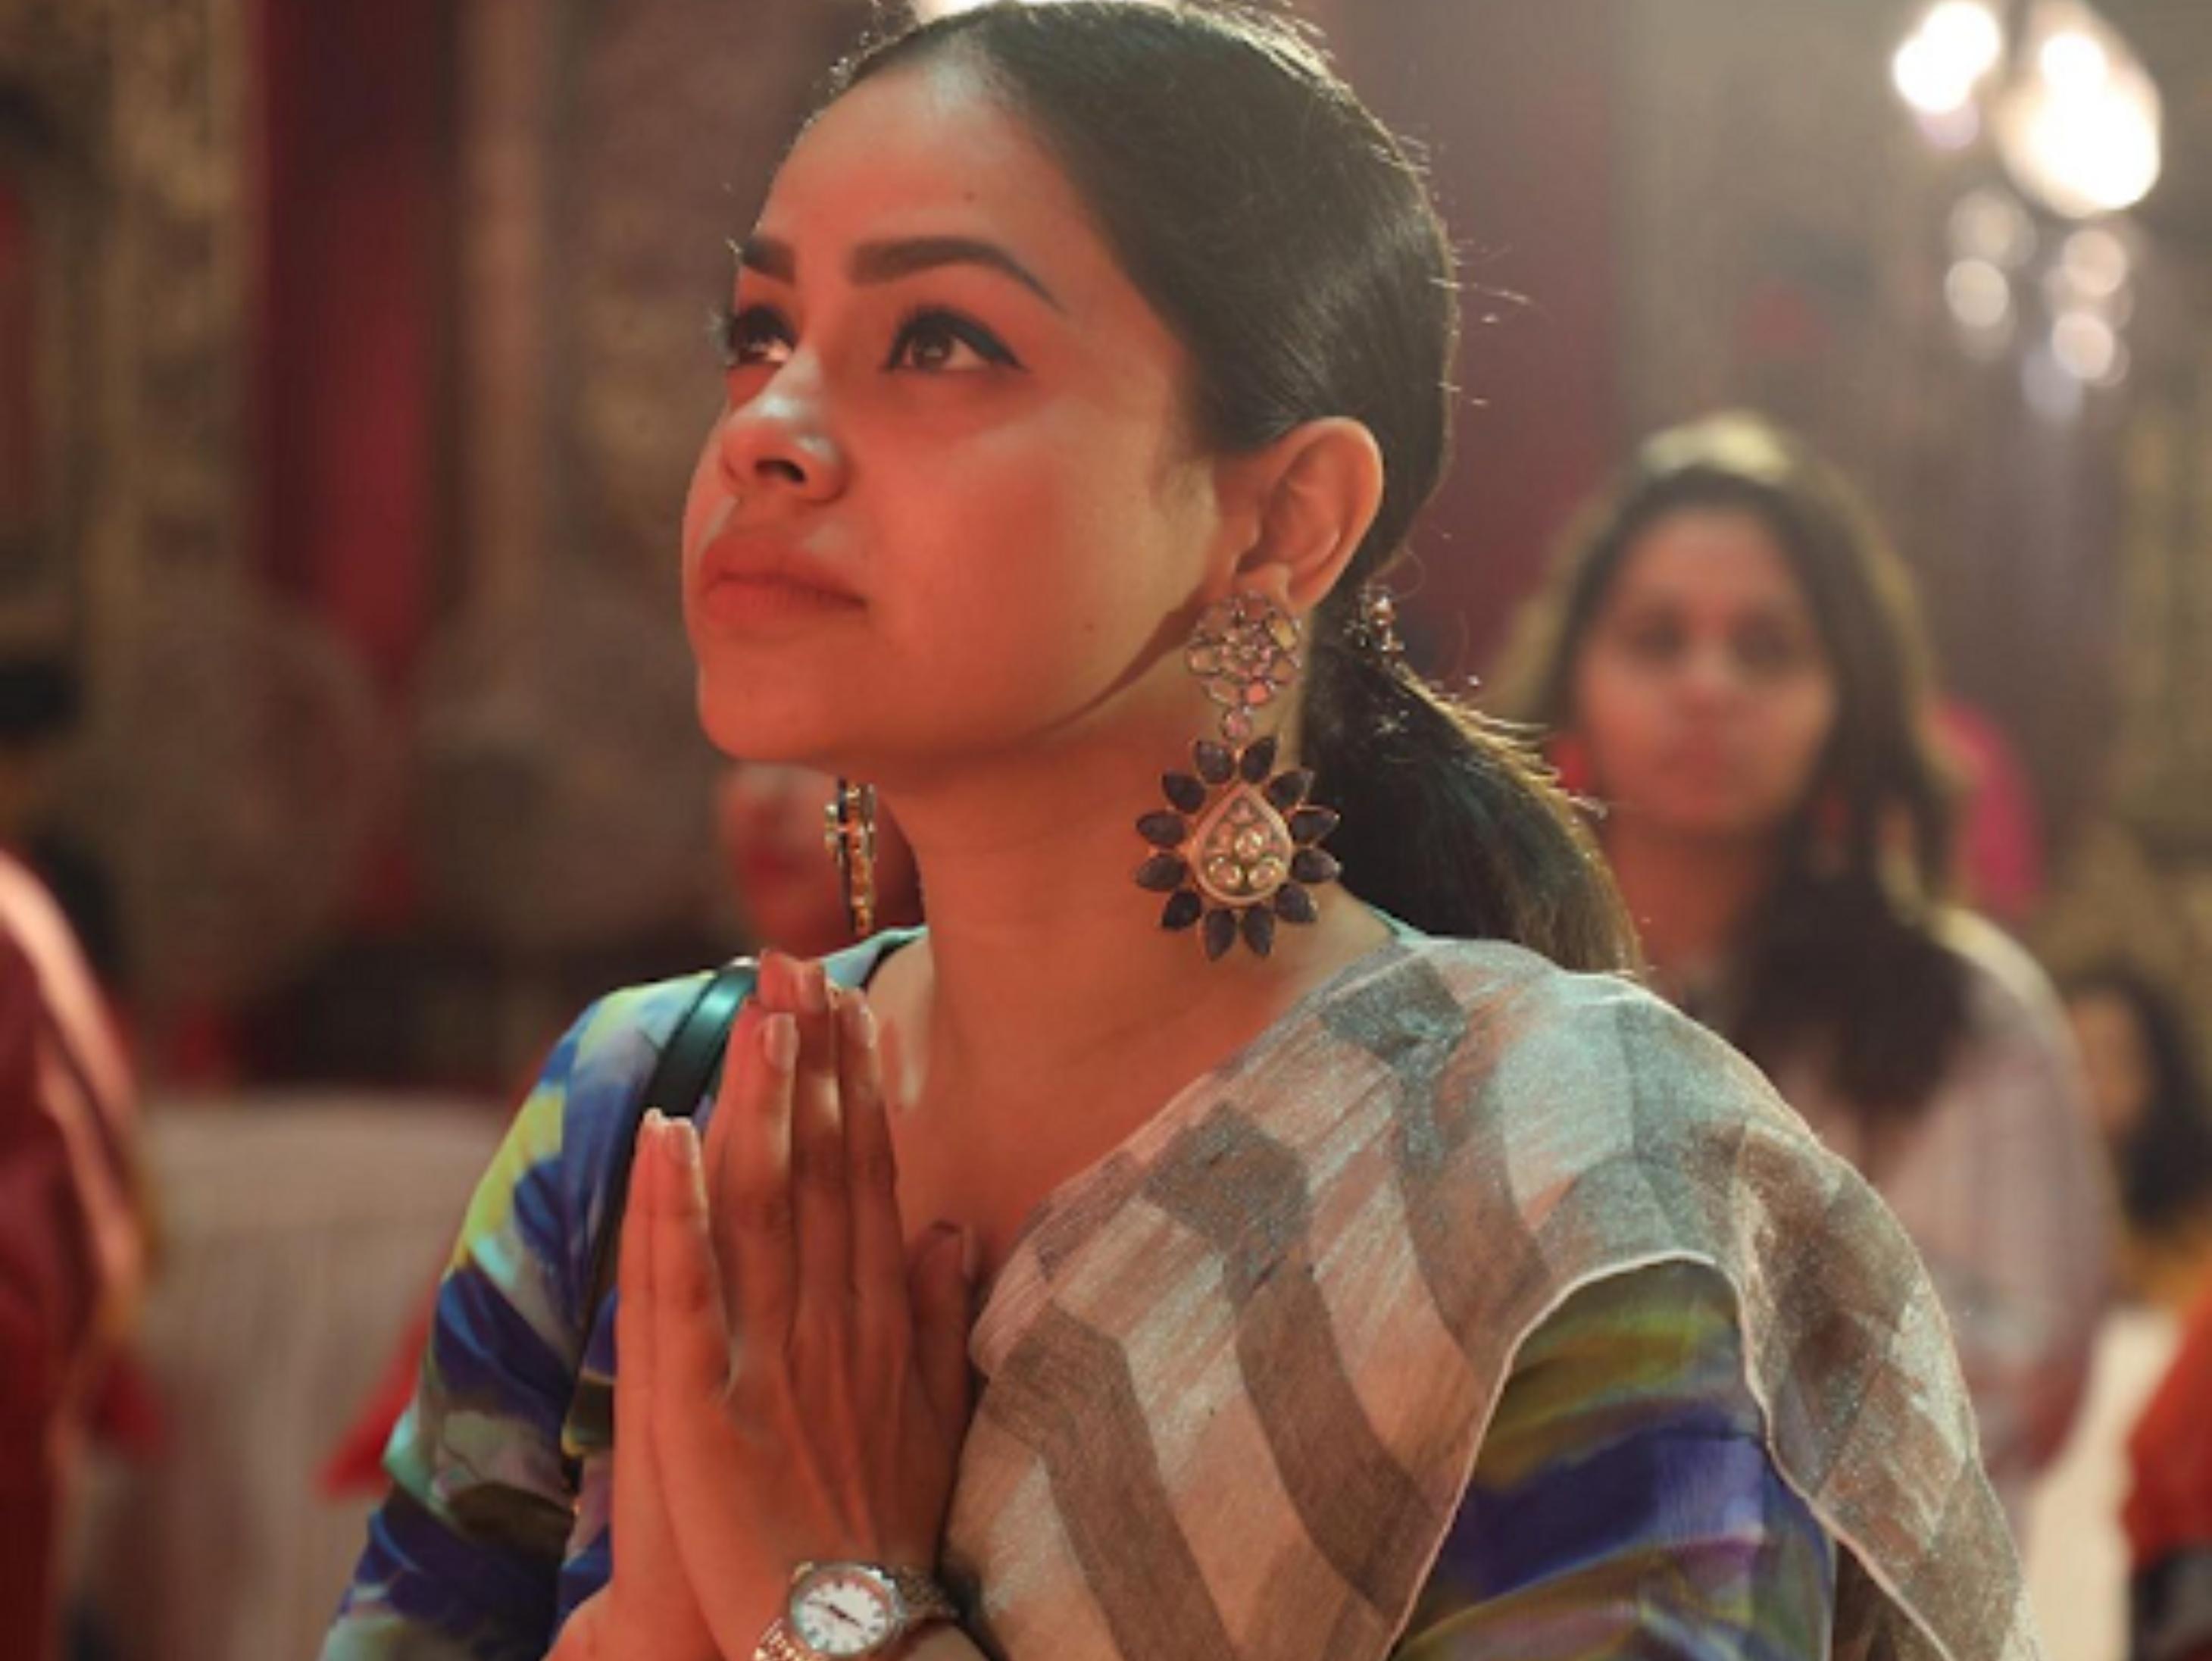 Sumona chakravarti not seen in new promo of the kapil sharma show wrote on social media – it was probably not for you | नए प्रोमो में नहीं दिखीं सुमोना, सोशल मीडिया पर लिखा-ये शायद आपके लिए नहीं था